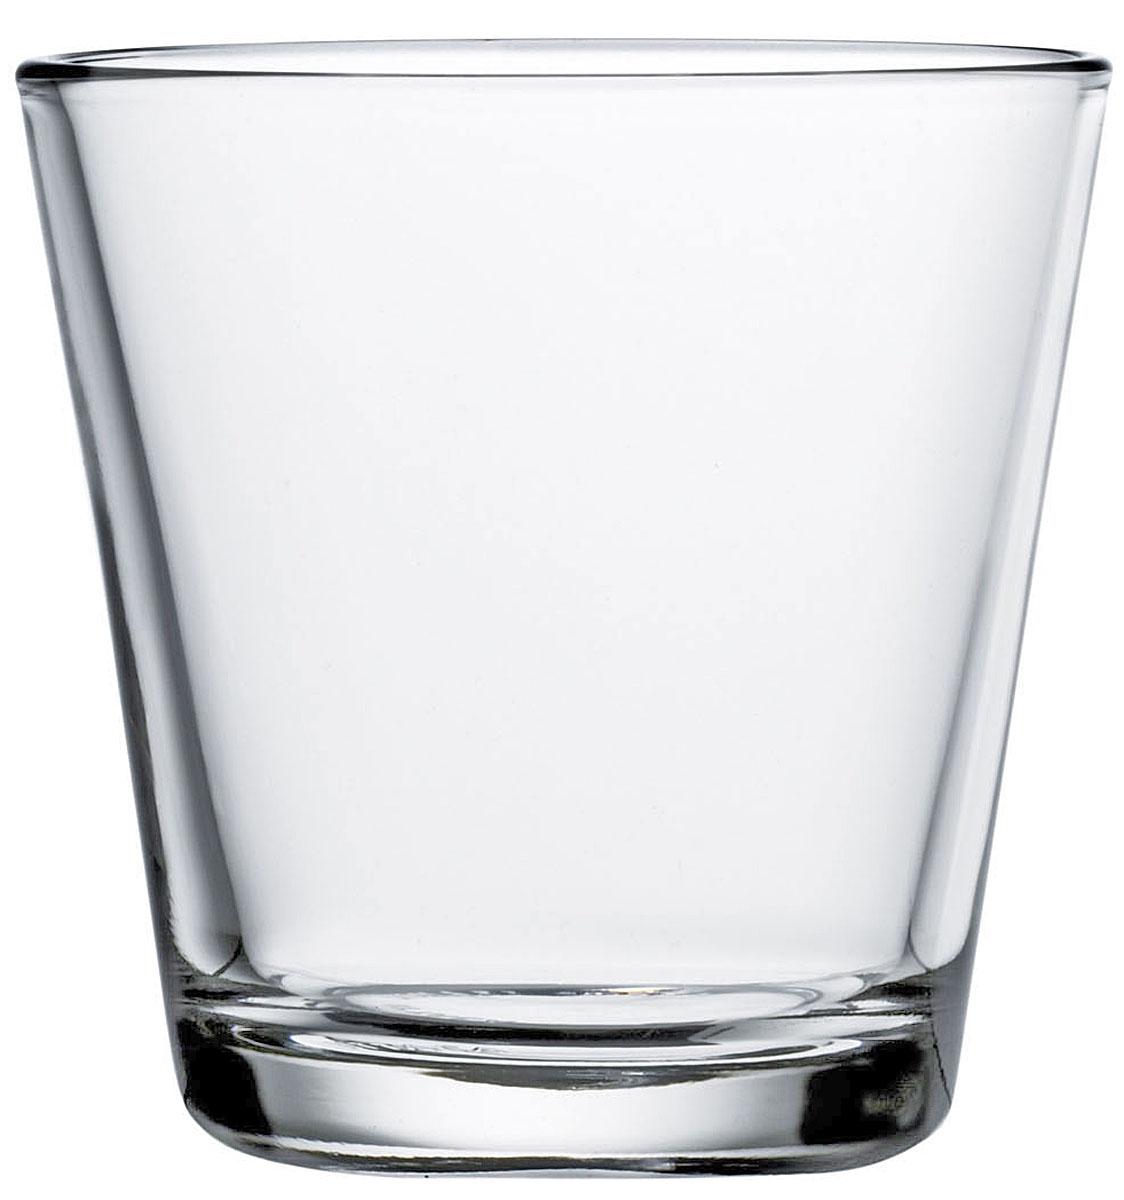 Набор стаканов Iittala Kartio, цвет: прозрачный, 210 мл, 2 шт1008533Стаканы Iittala выполнены из высококачественного стекла. Изделия имеют удобную изящную форму, которая позволит им комфортно лежать в вашей руке. Дизайн стаканов будет радовать глаз. Легкий и прочный материал обеспечит сохранность изделия в течение многих лет.